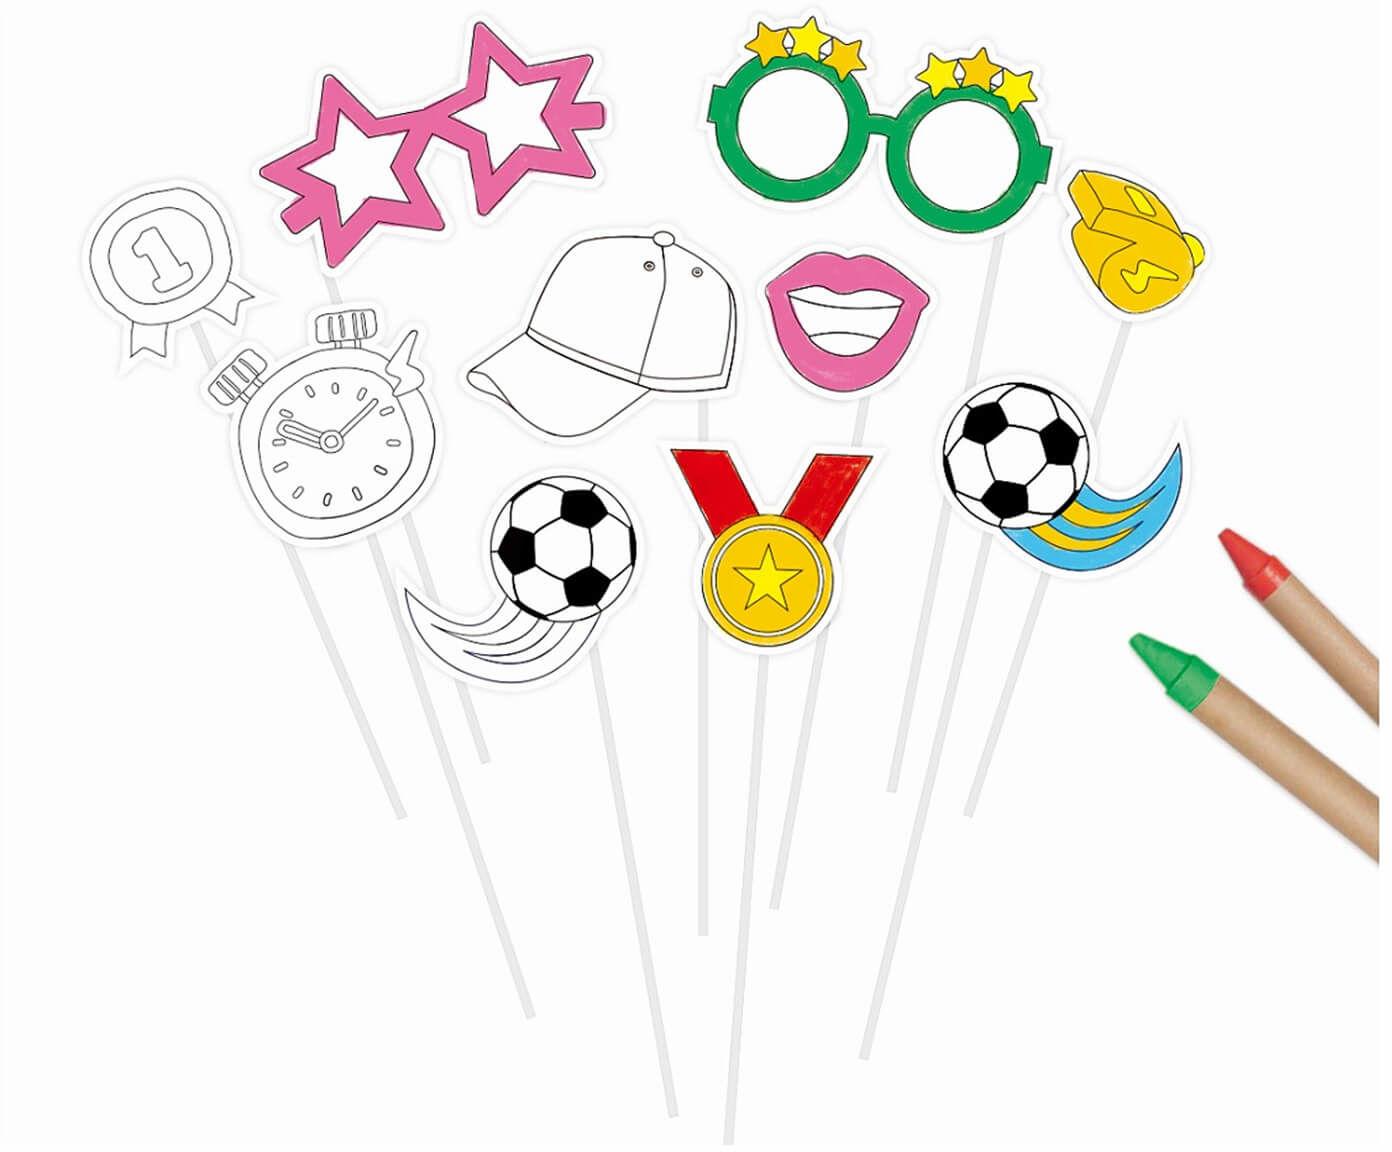 Foto rekwizyty do zdjęć Piłka Nożna do pokolorowania - 10 szt.